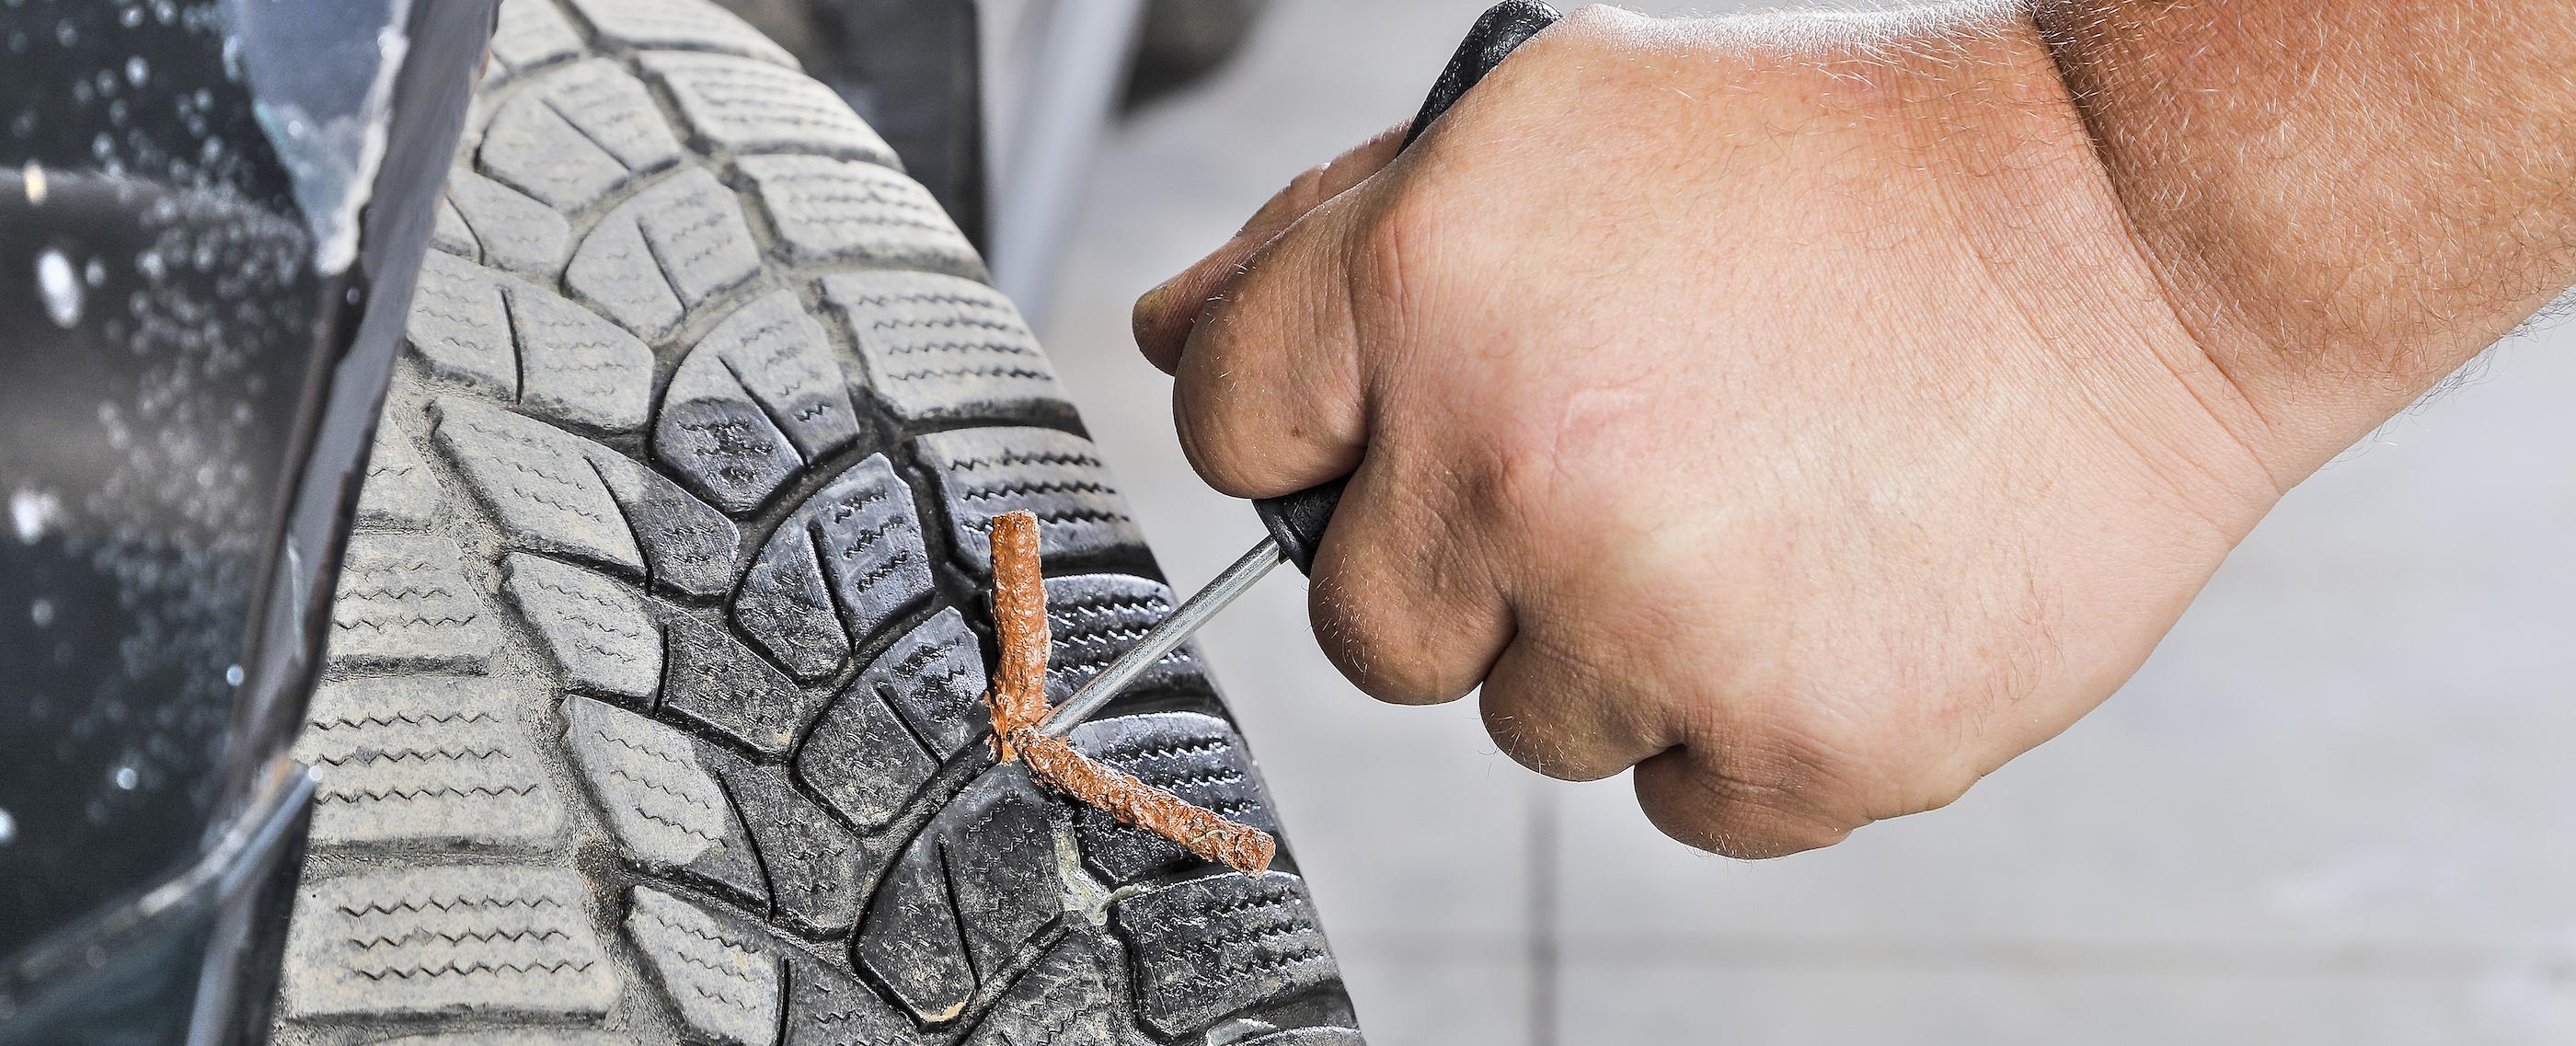 Umieszczenie sznura doopon